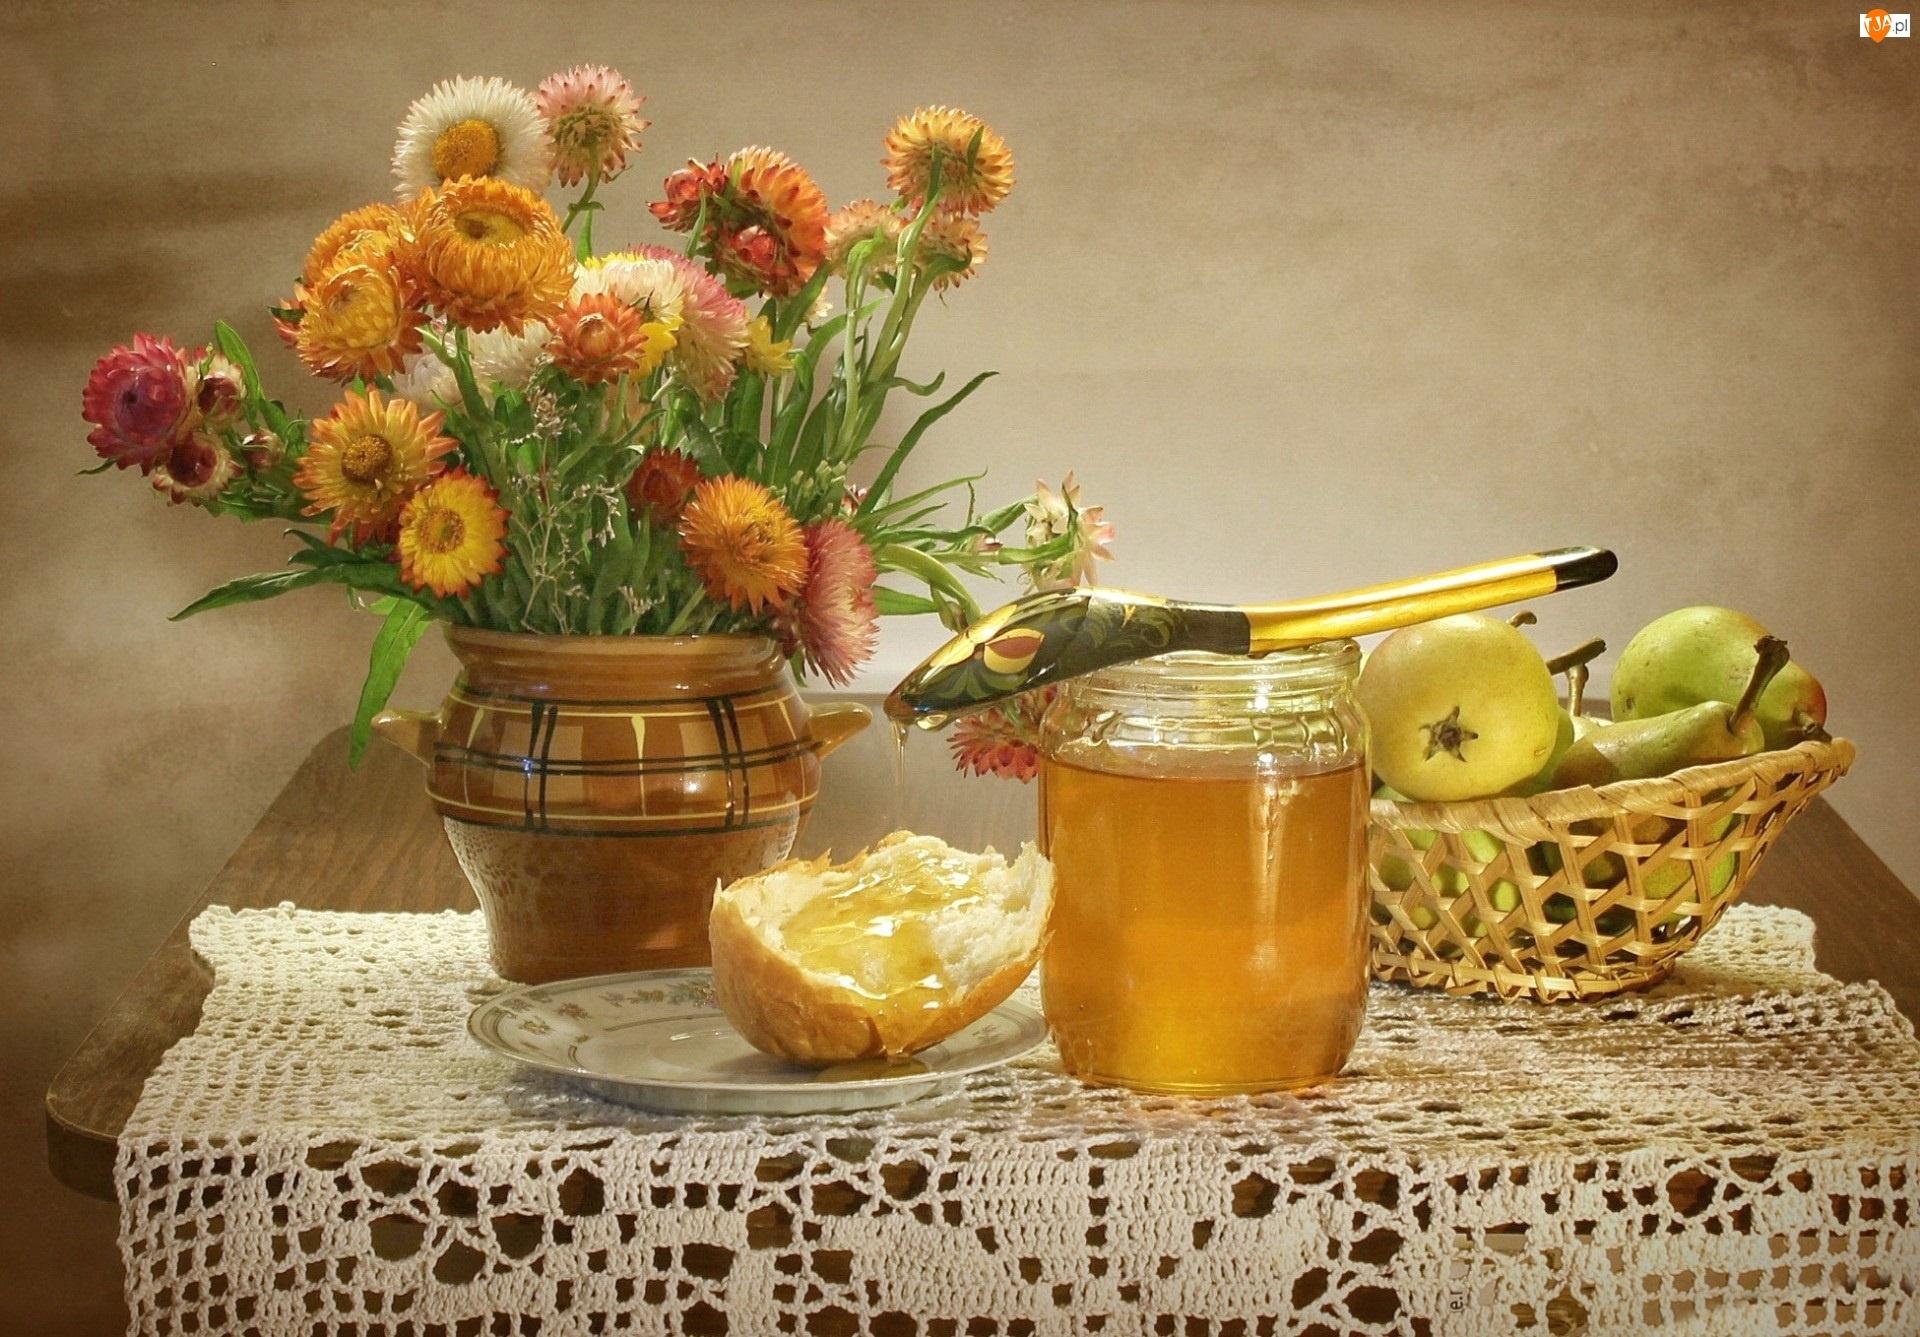 Jablka, Suszone, Bukiet, Kwiaty, Miod